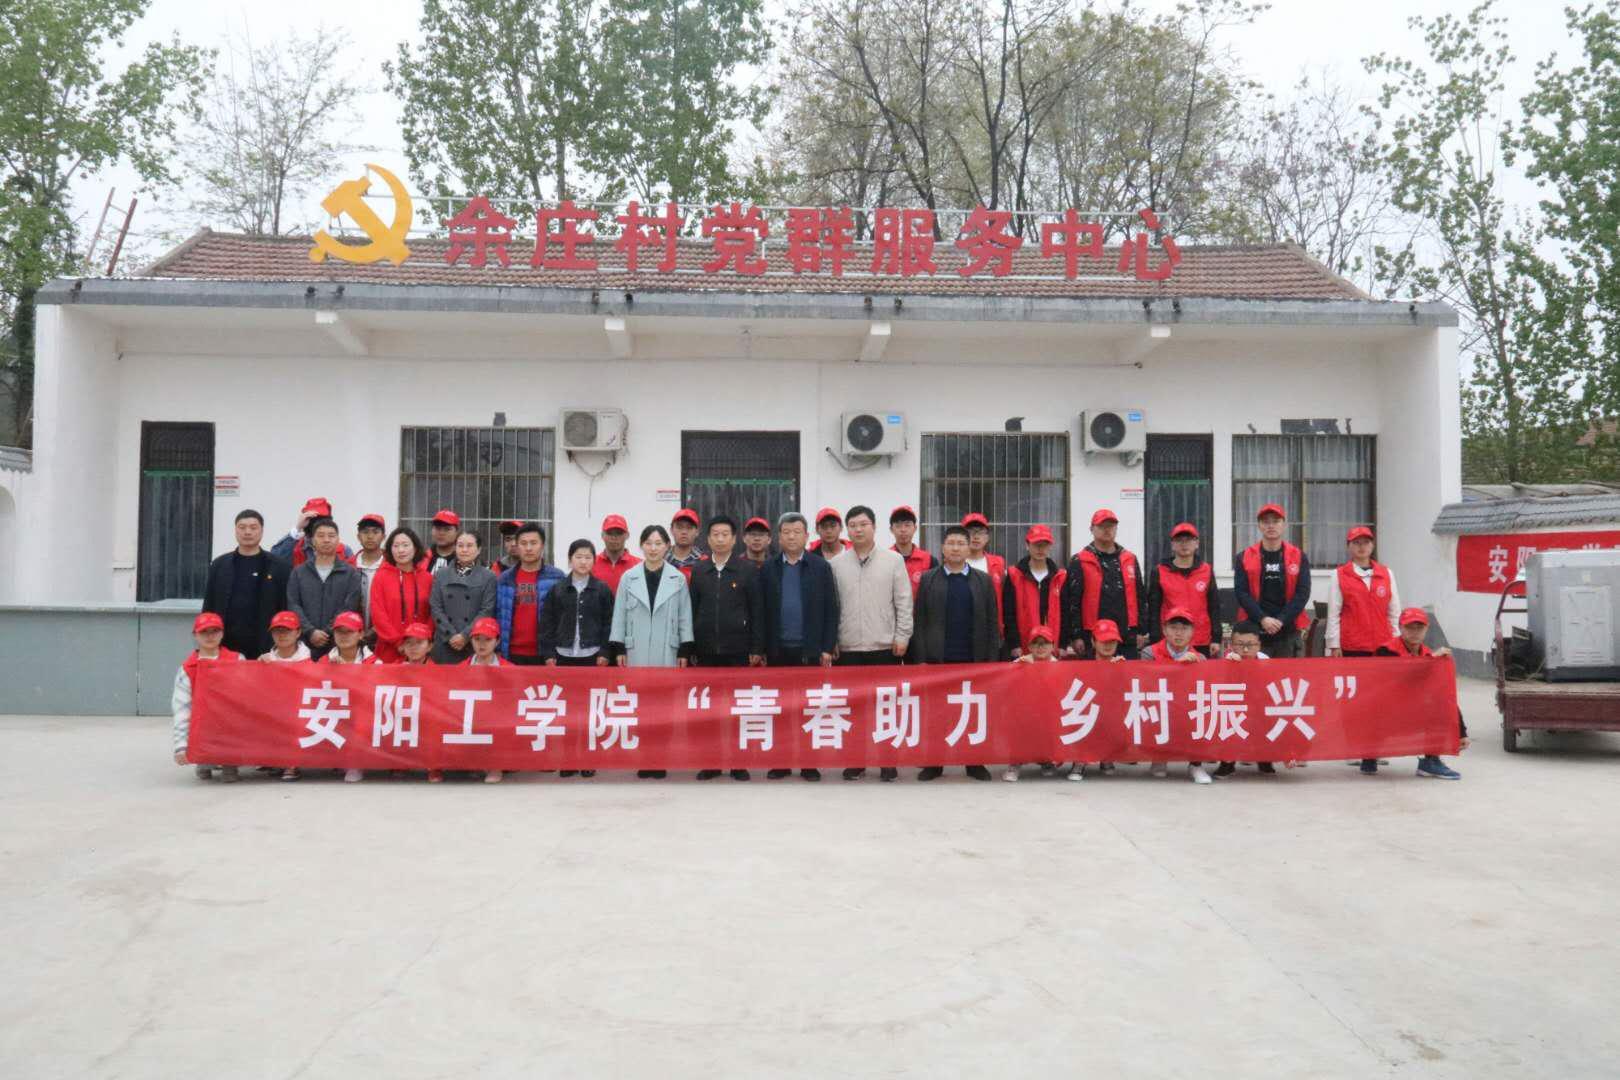 校志愿者赴内黄县后河镇余庄村开展 校地结对帮扶 活动